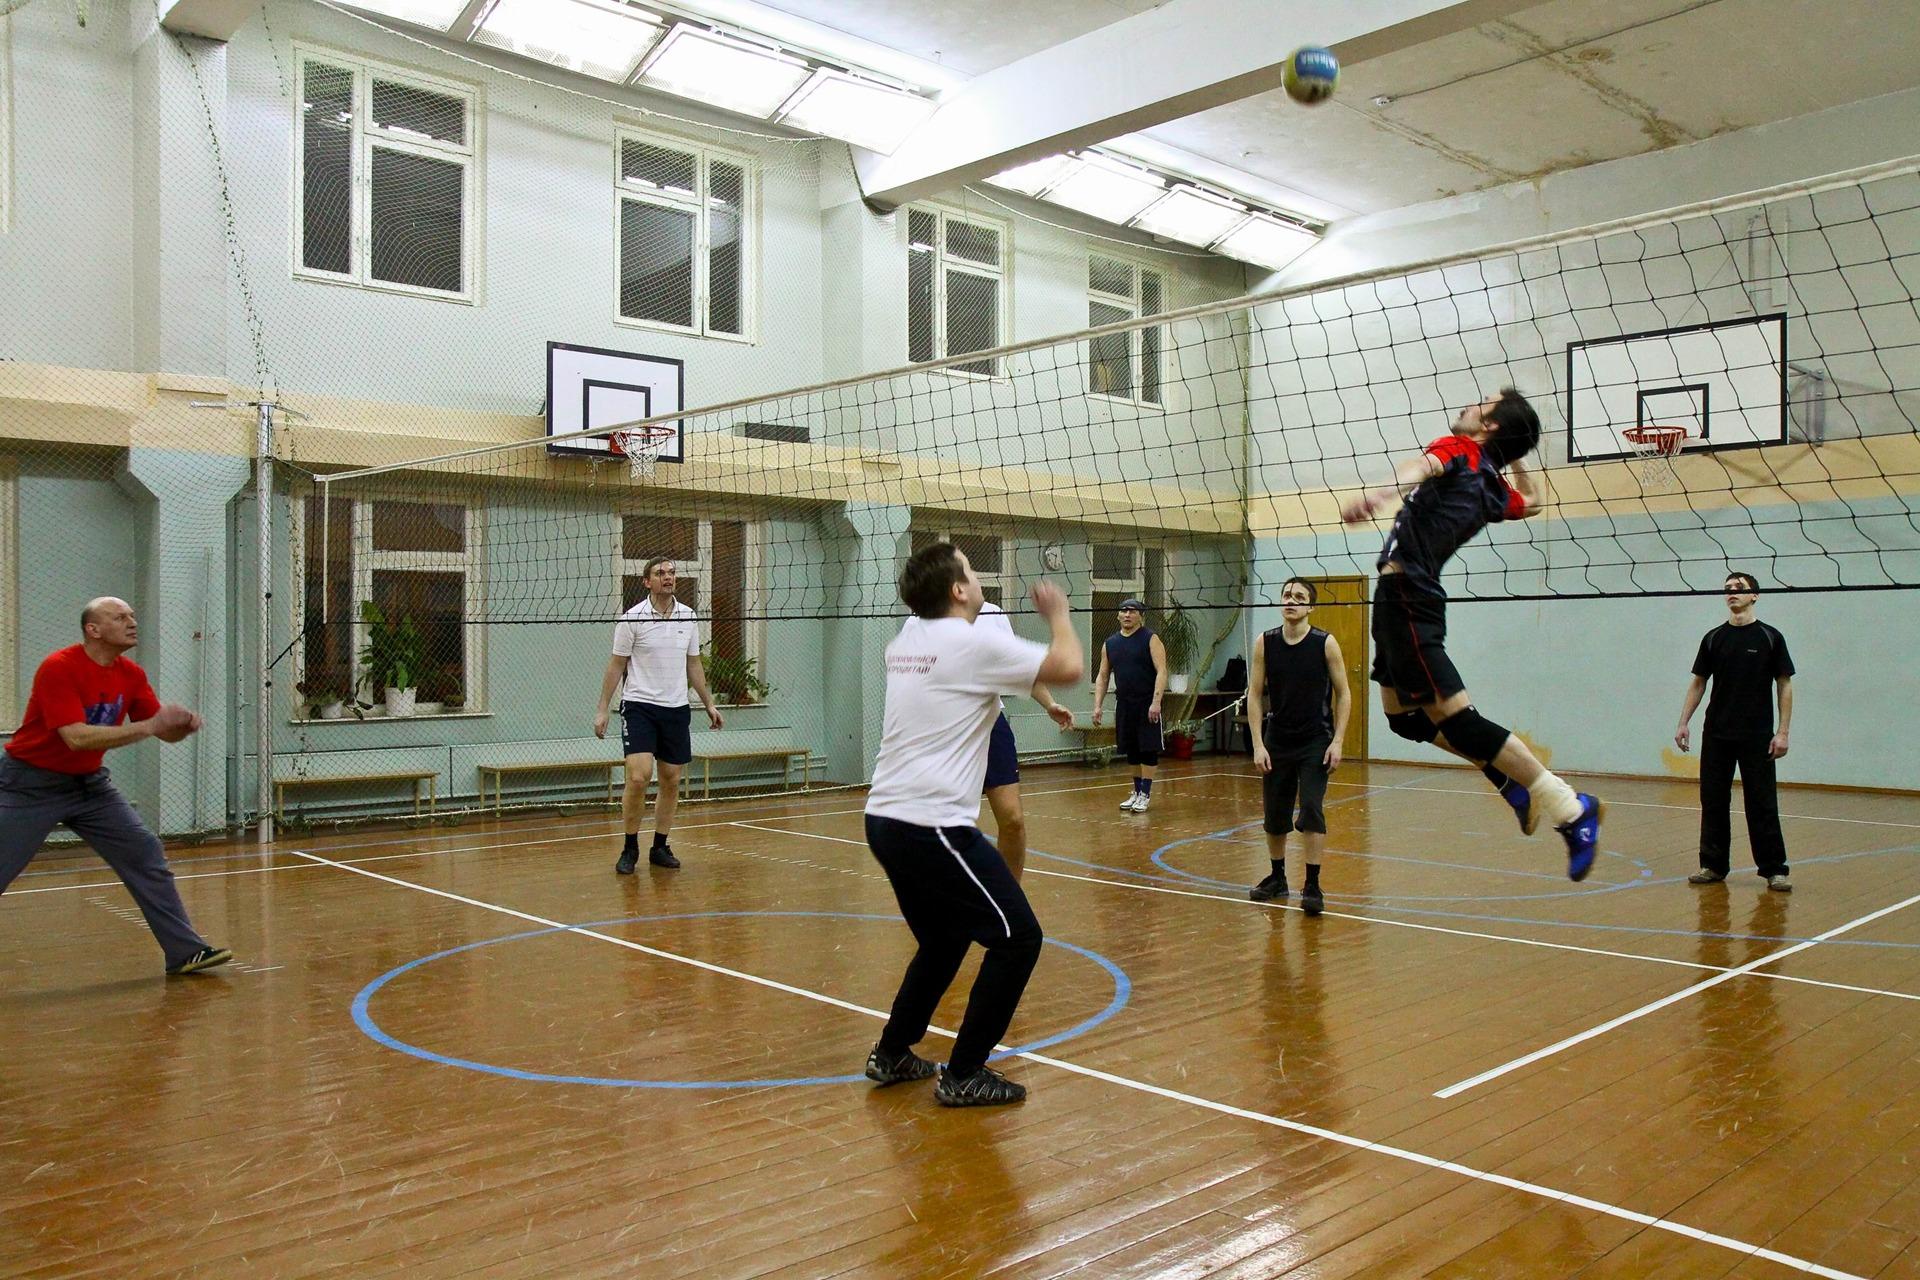 Метки волейбол спорт 701 просмотр